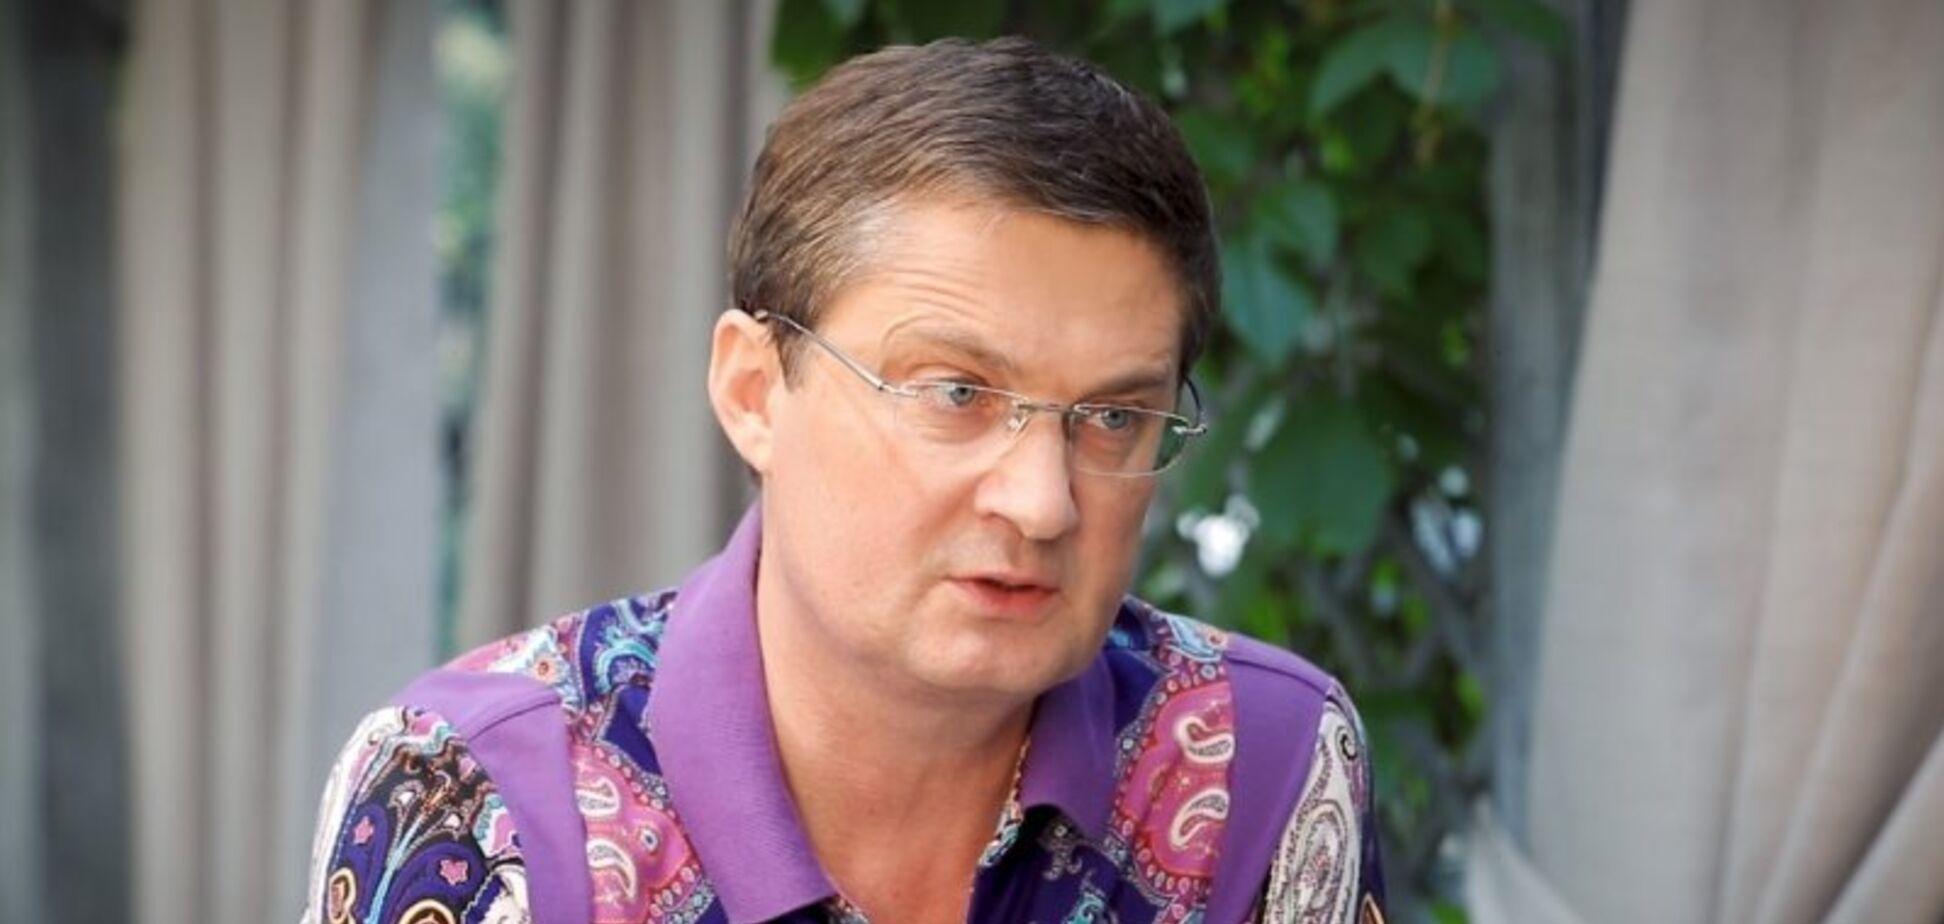 Игорь Кондратюк (Люкс ФМ)